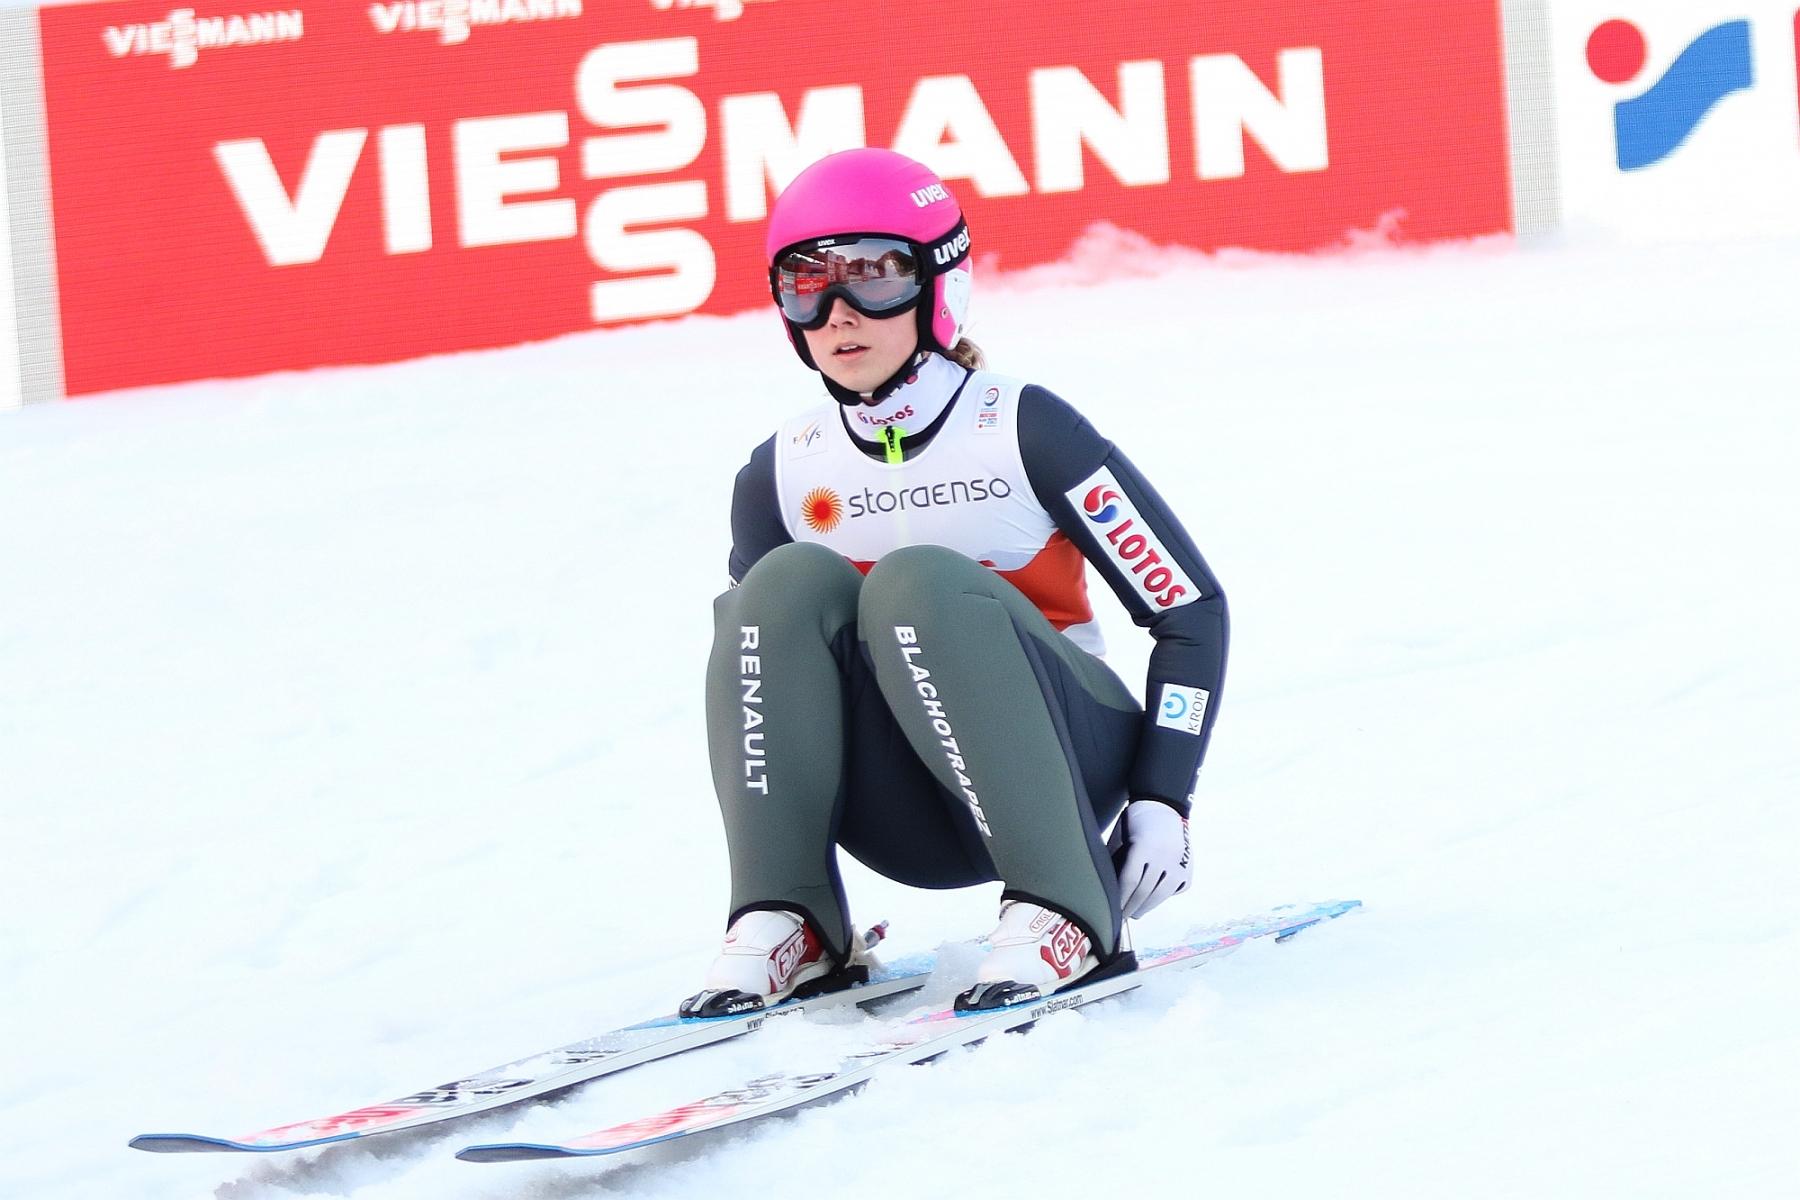 Mistrzostwa Swiata Oberstdorf2021 treningikobiet fotJuliaPiatkowska 48 - MŚ Oberstdorf: Seria próbna dla Lundby, Twardosz najwyżej z Polek